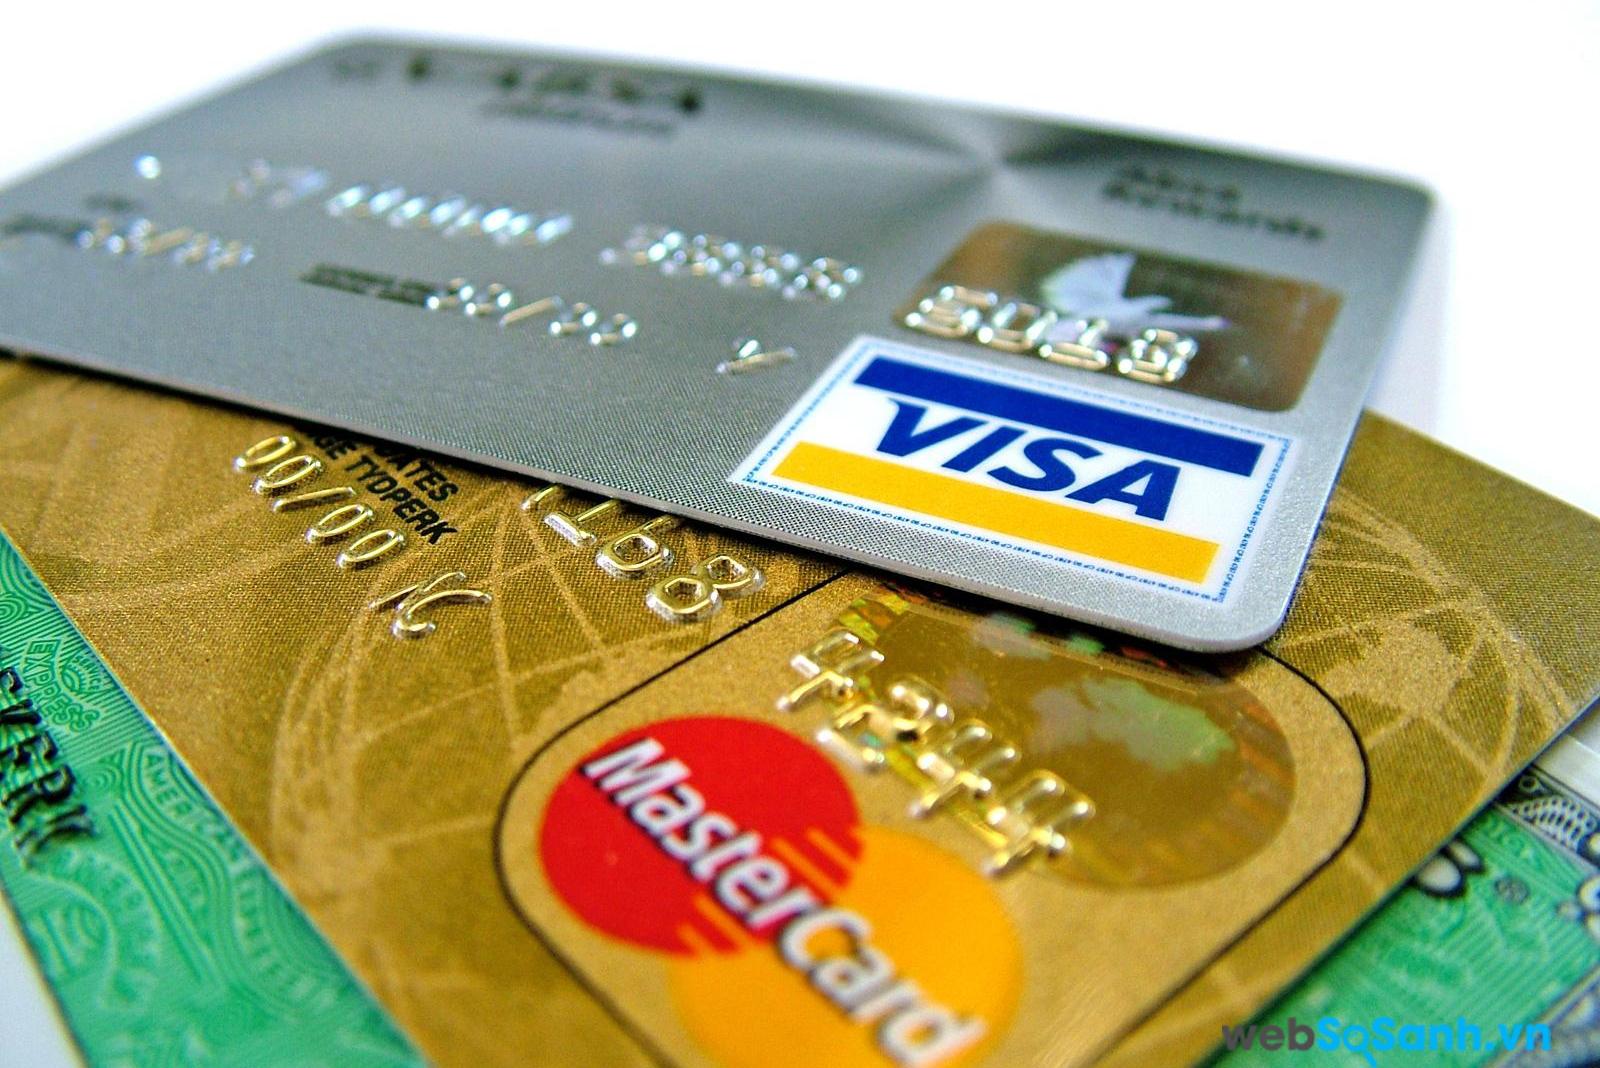 Thanh toán bằng thẻ Visa tại napgamemobile.com uy tín và nhanh chóng